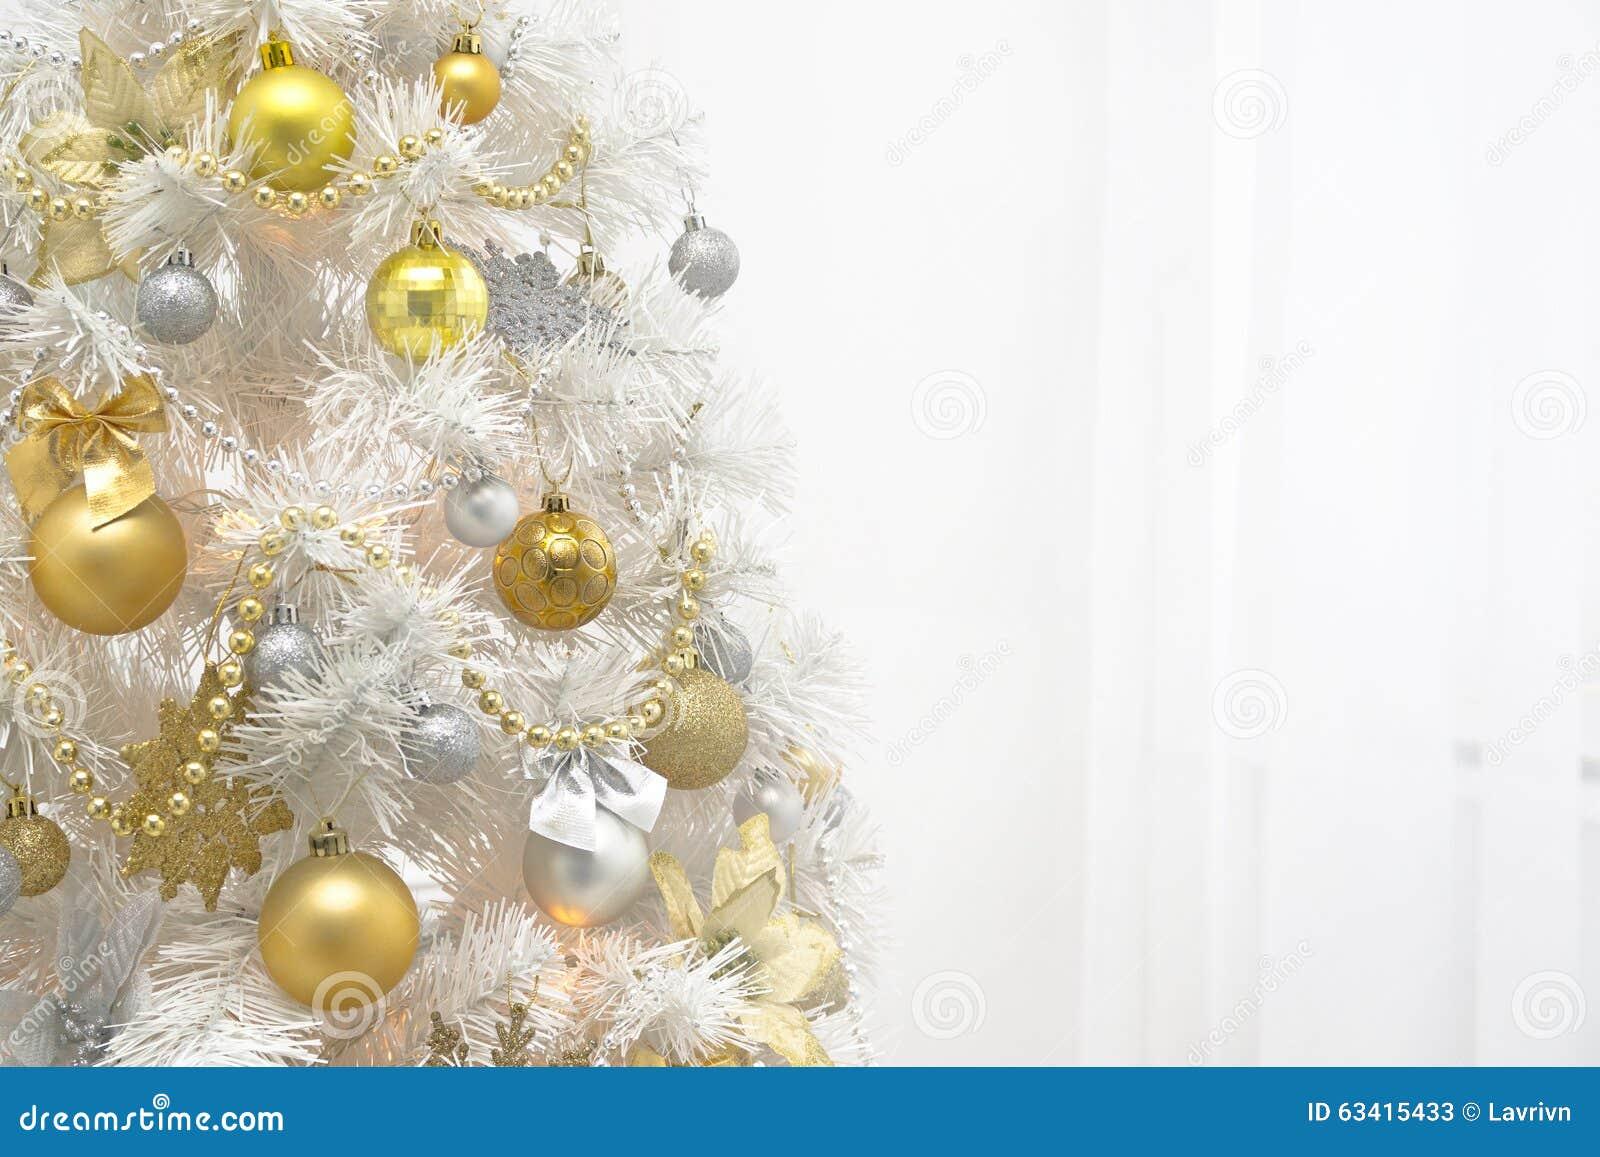 blanco con fondo navidad